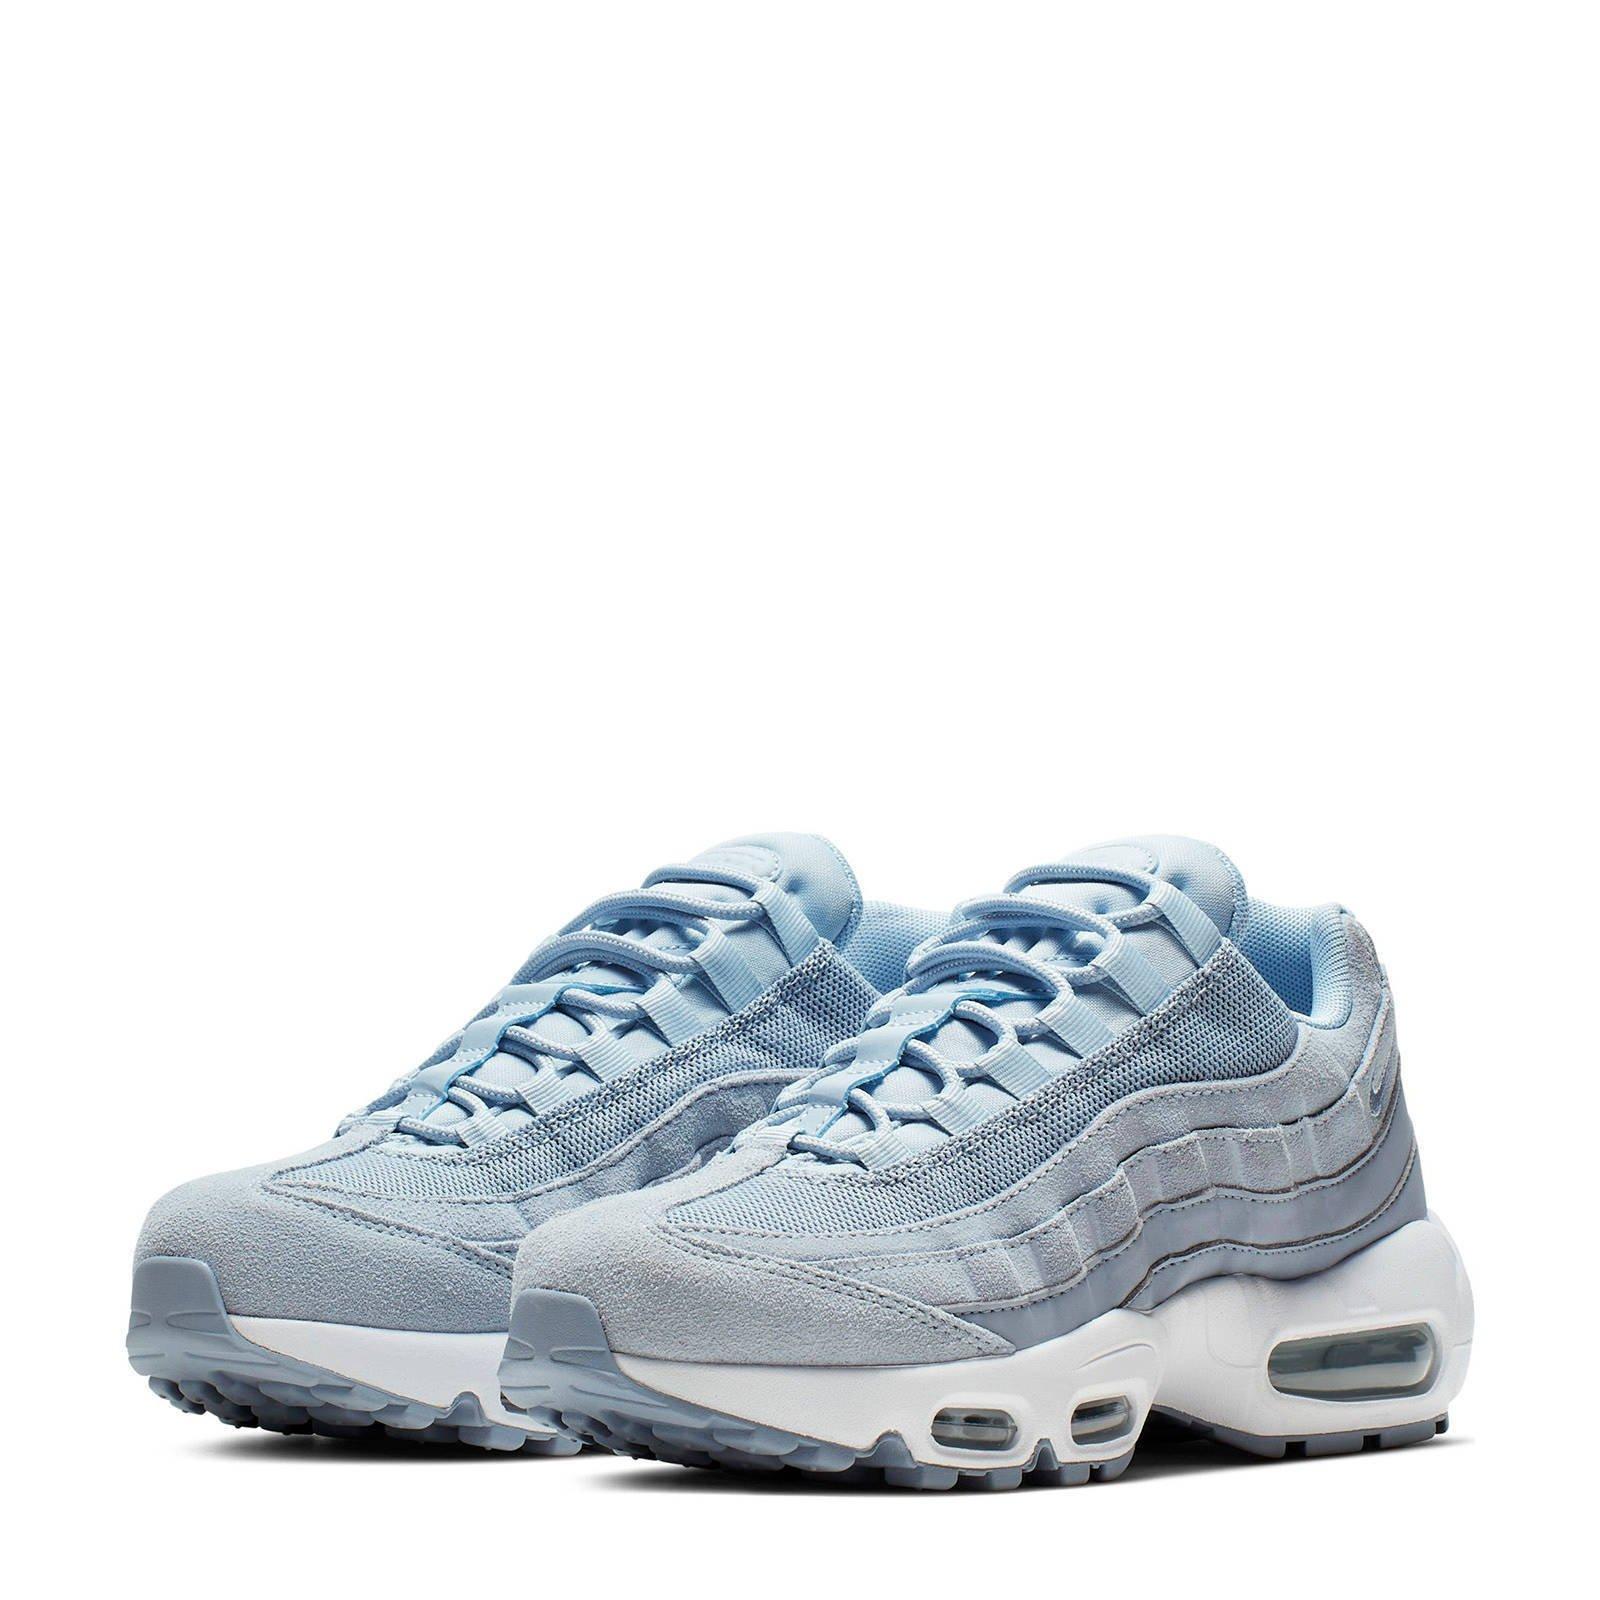 Nike Air Force Blauwe schoenen kopen? | BESLIST.nl | Ruime